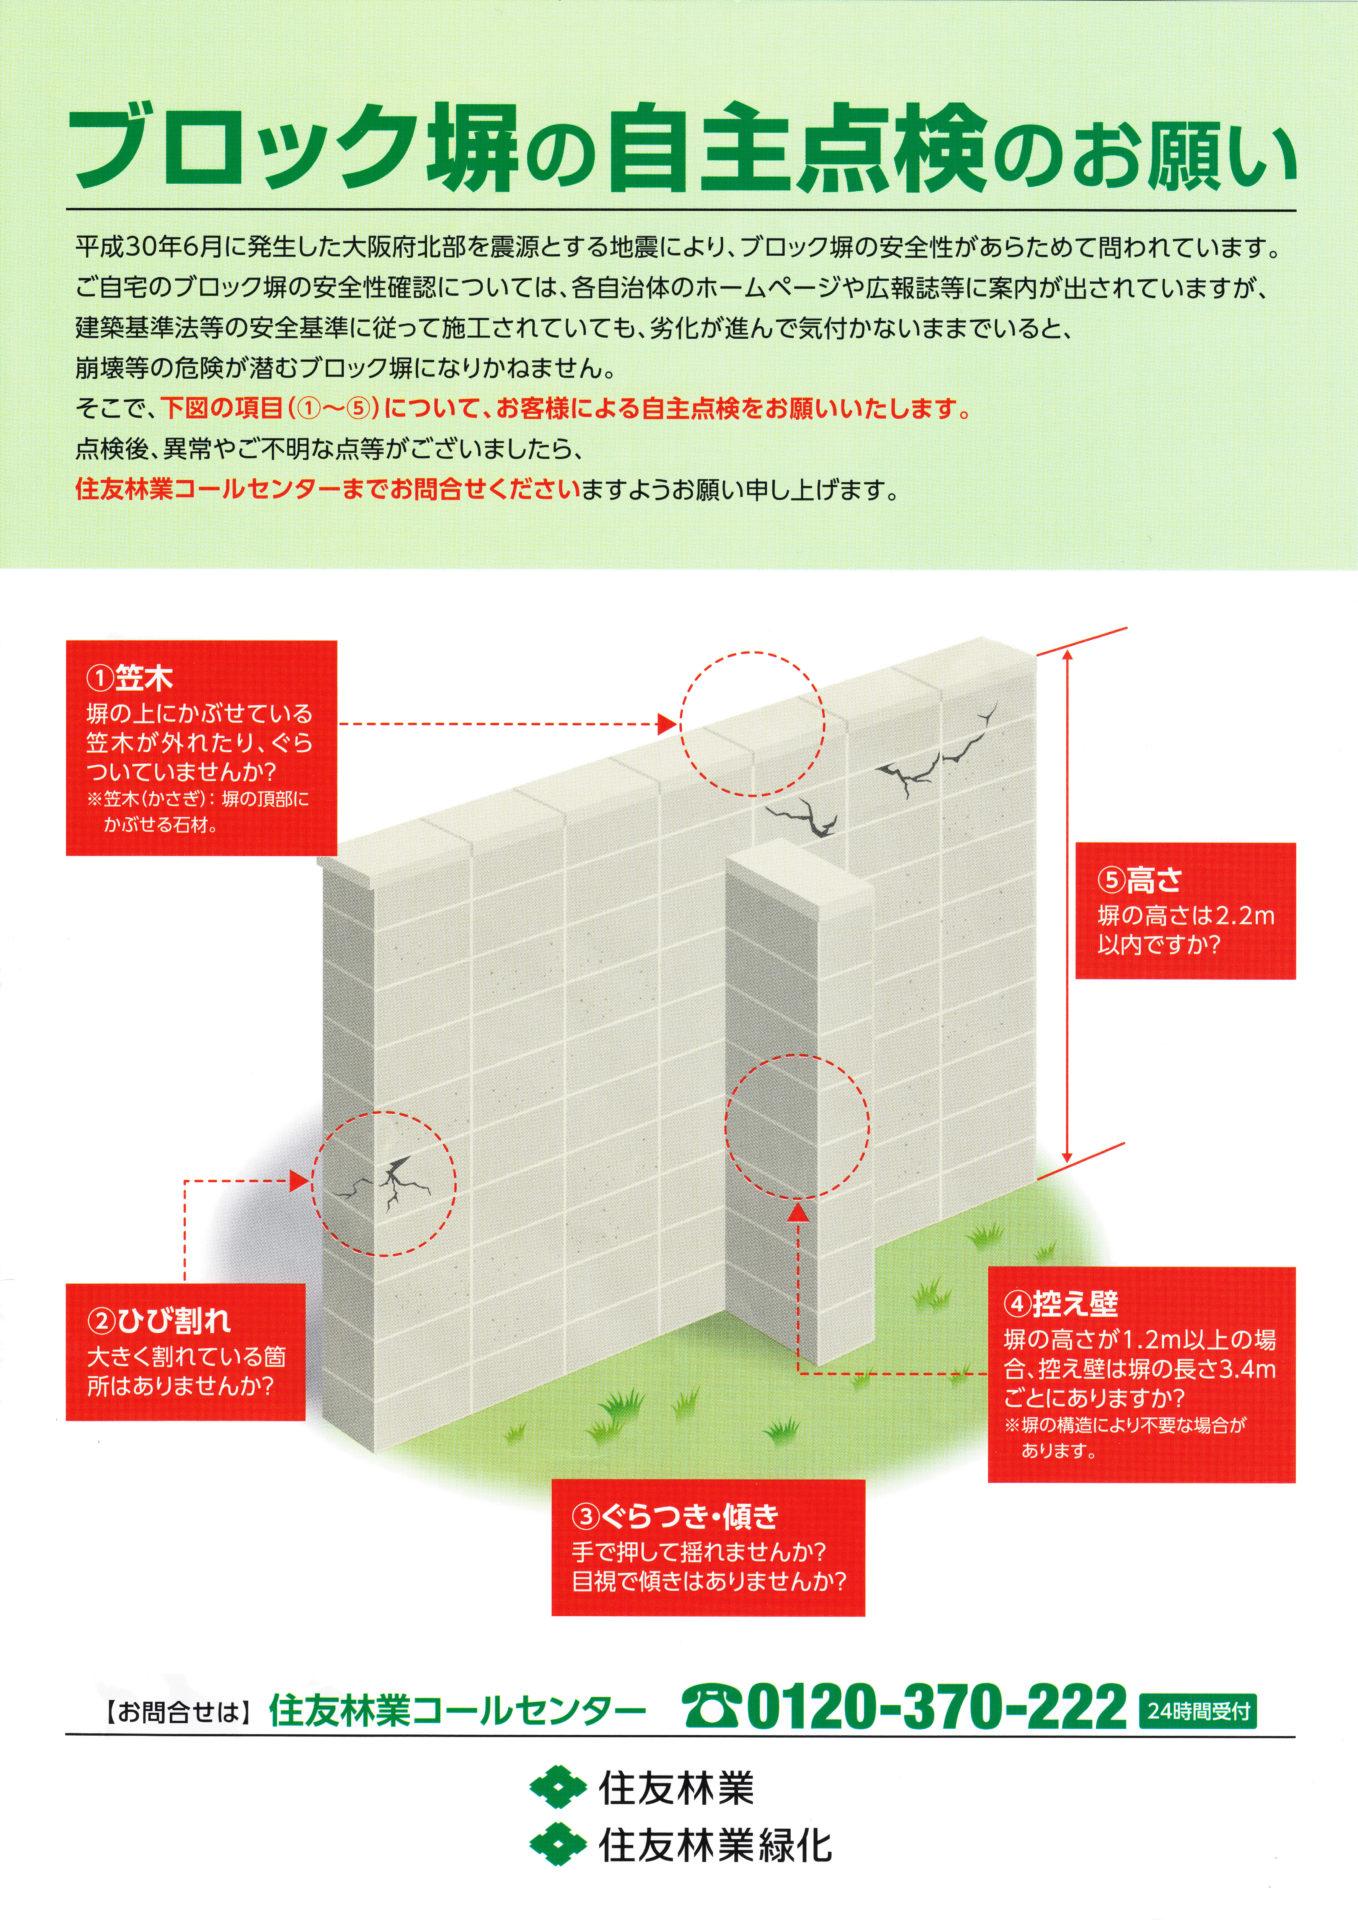 ハウスメーカー ブロック塀の自主点検をユーザーに依頼 ブロック塀ニュース2018/12/12